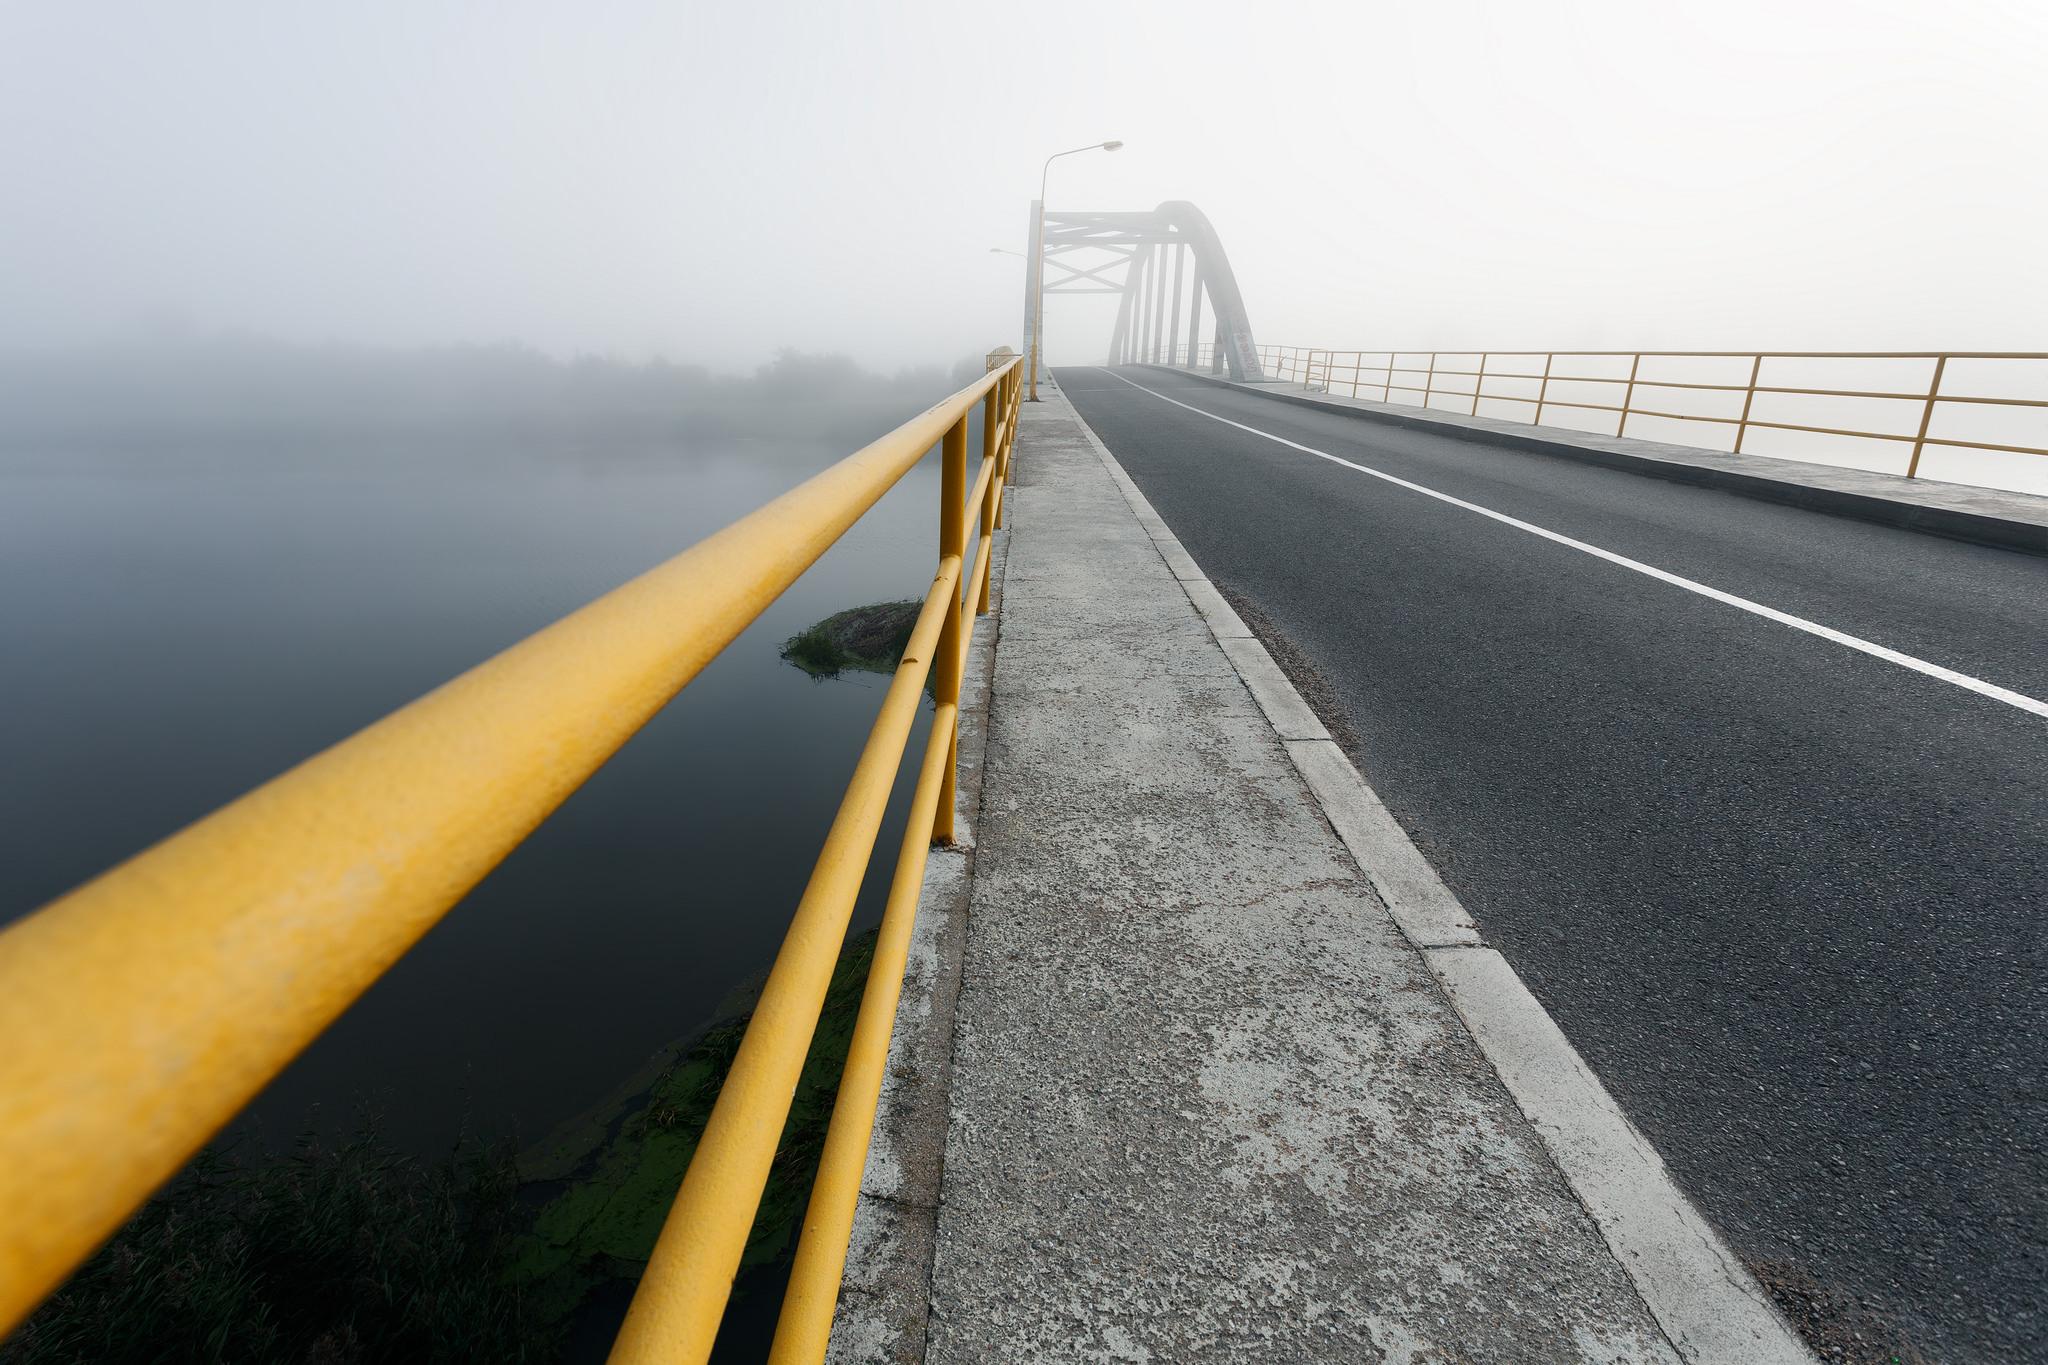 Мост над дорогой  № 2225411 бесплатно